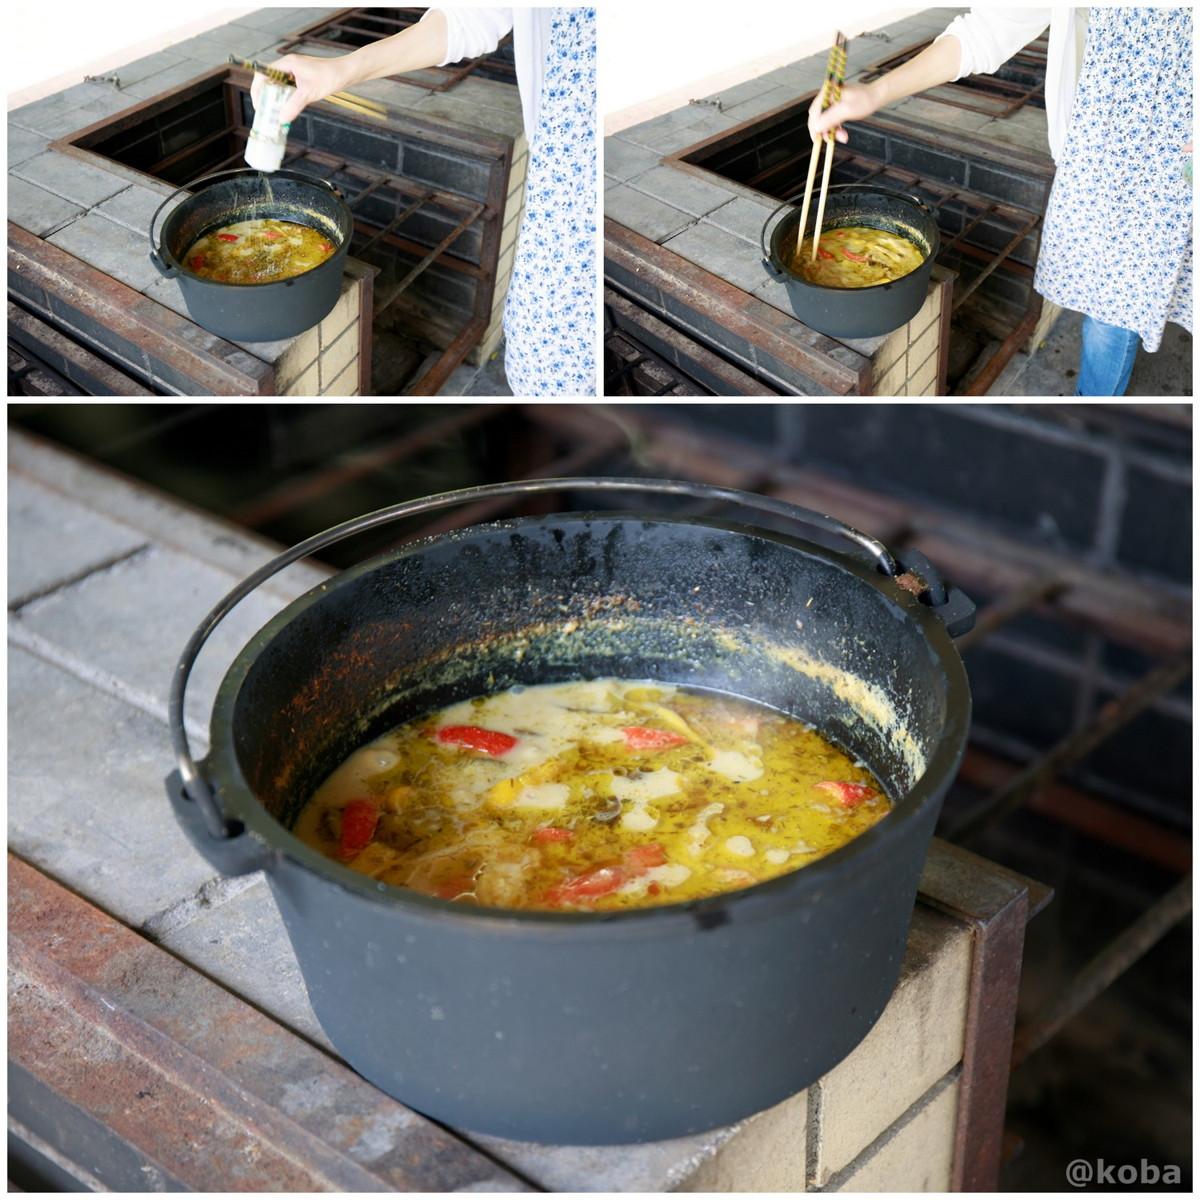 ナンプラー、砂糖で味を調え完成 炉の使い方 ダッチオーブンでカレー作り